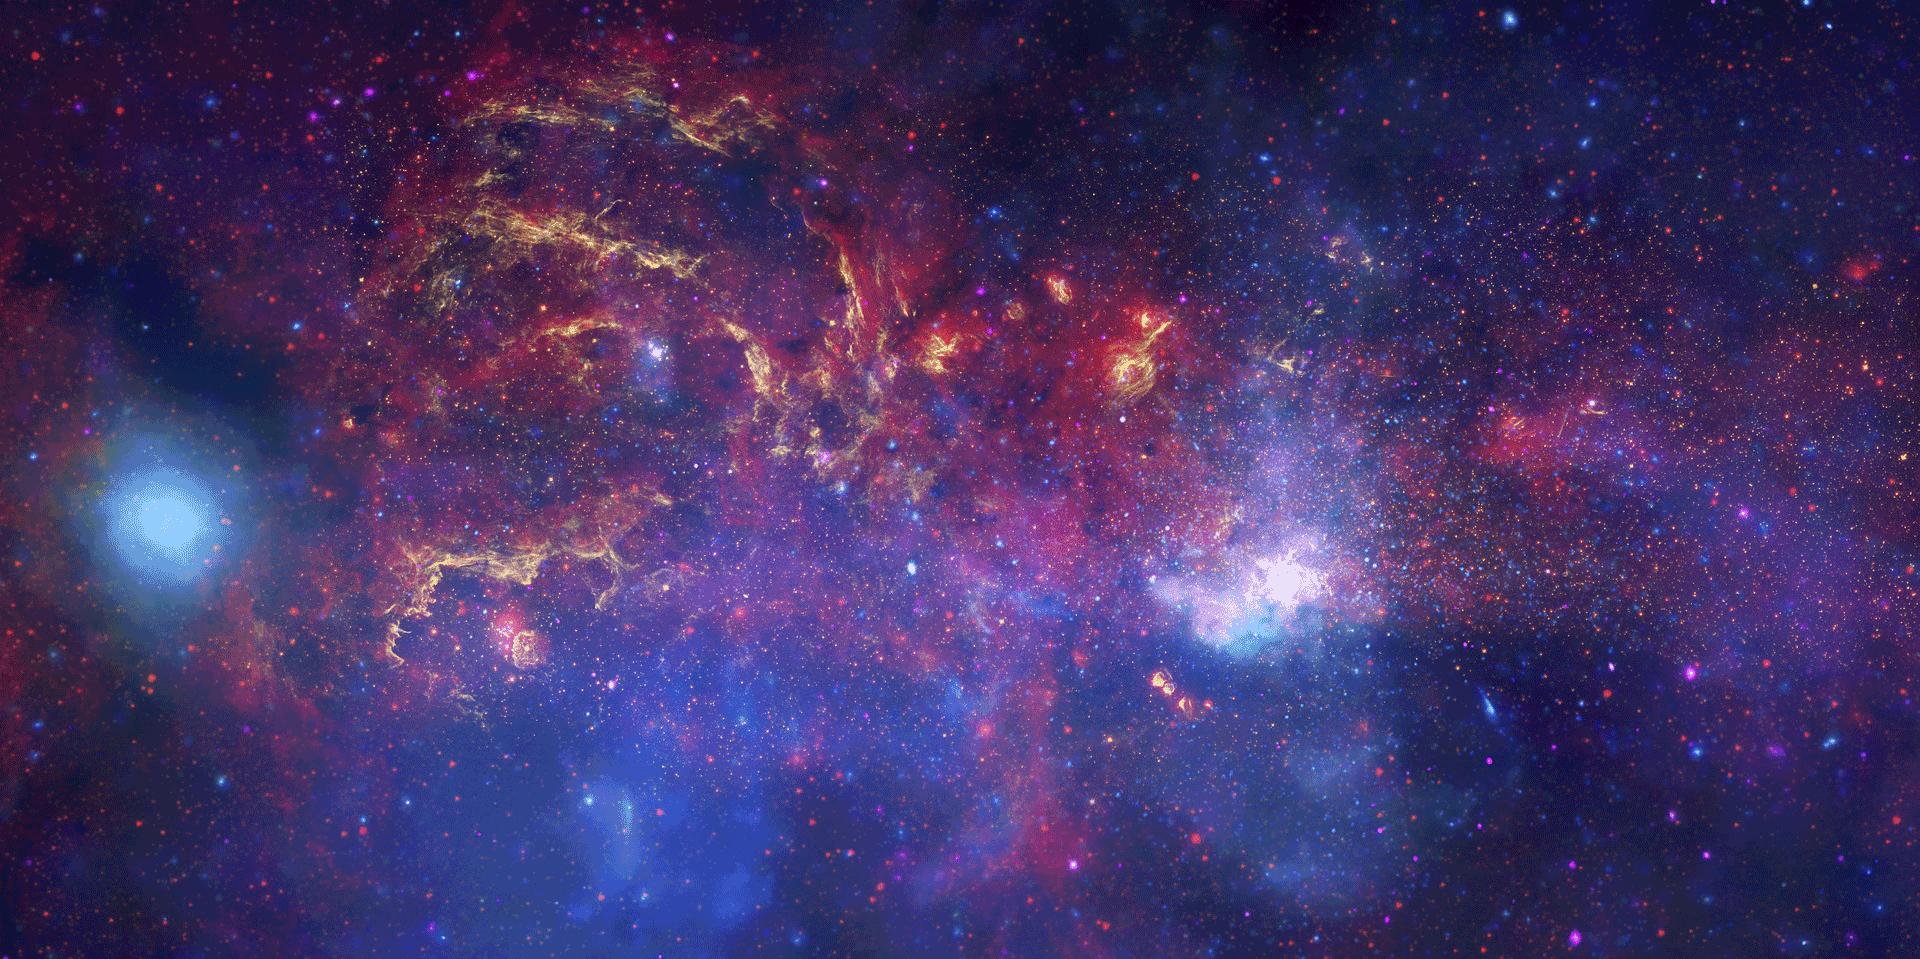 Teleskope kaufen - Milchstraße Panorama Bild mit blauen und lila Farben.